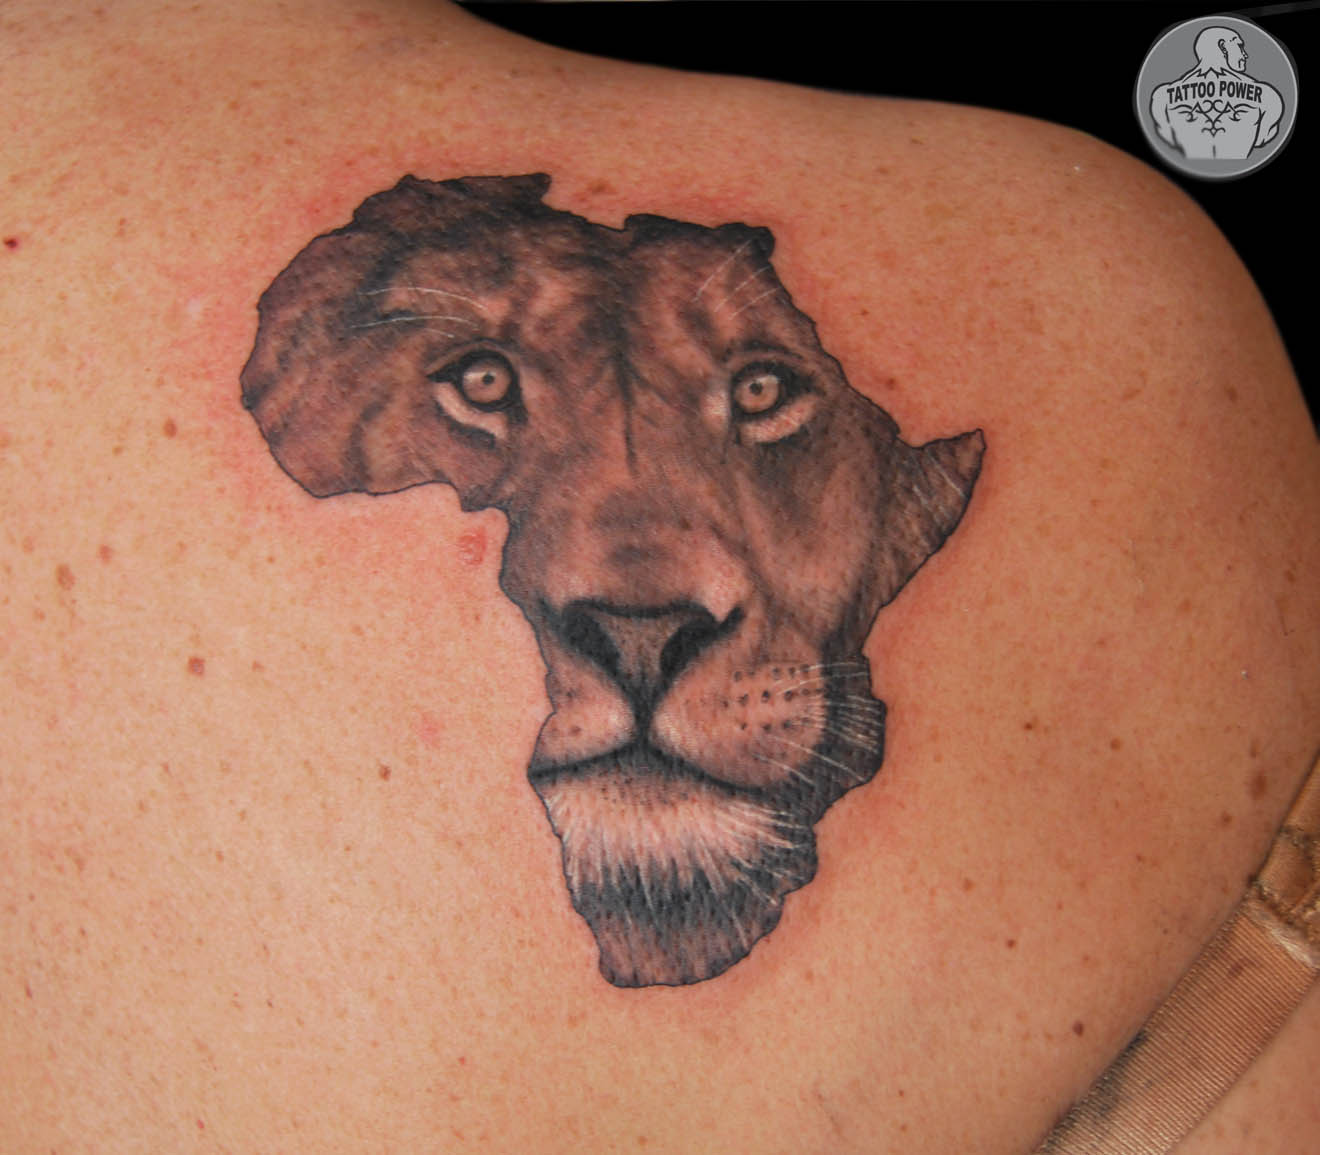 african tattoos best art designs. Black Bedroom Furniture Sets. Home Design Ideas